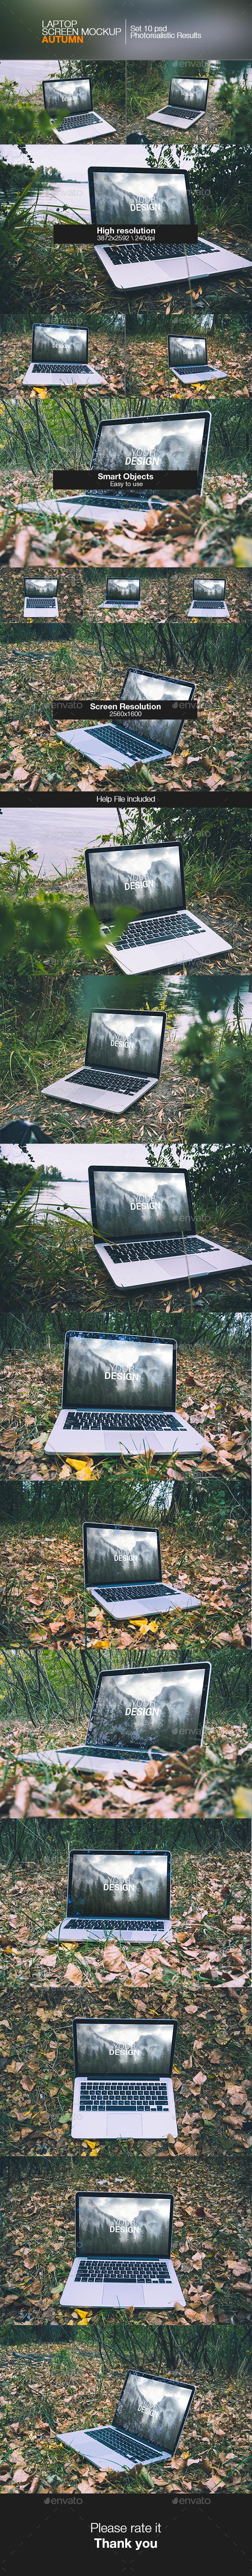 Laptop Screen Mockup | Autumn - Laptop Displays